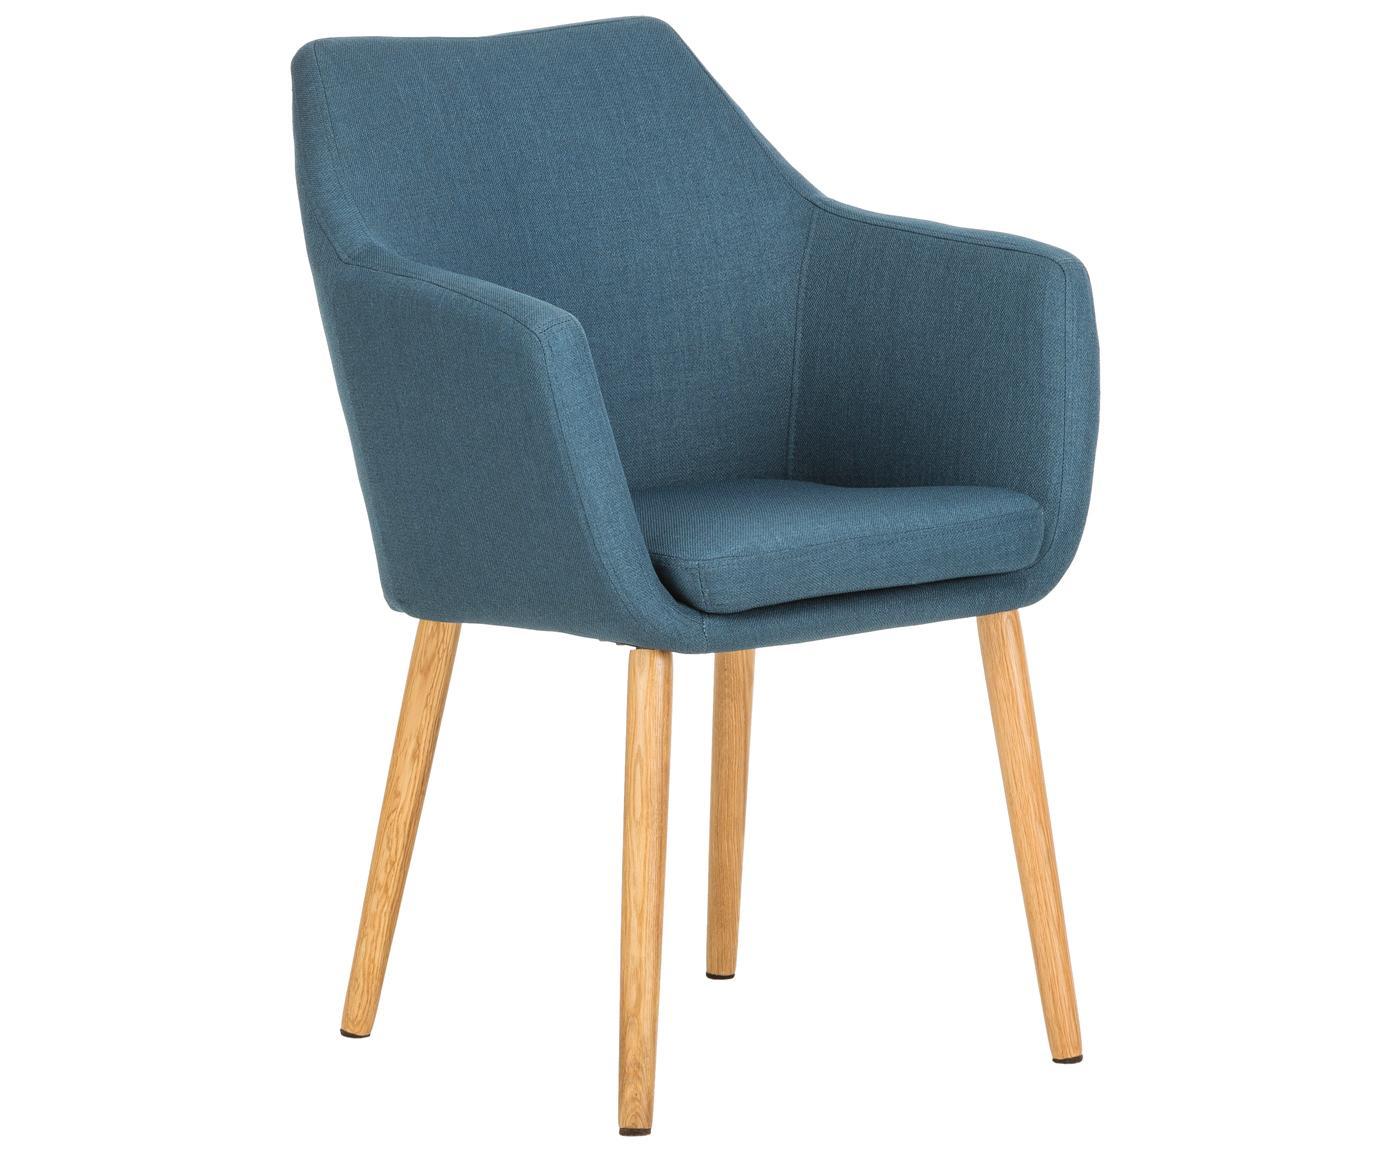 Armlehnstuhl Nora im Skandi Design, Bezug: 100% Polyester, Beine: Eichenholz, Webstoff Dunkelblau, Beine Eiche, B 58 x T 58 cm